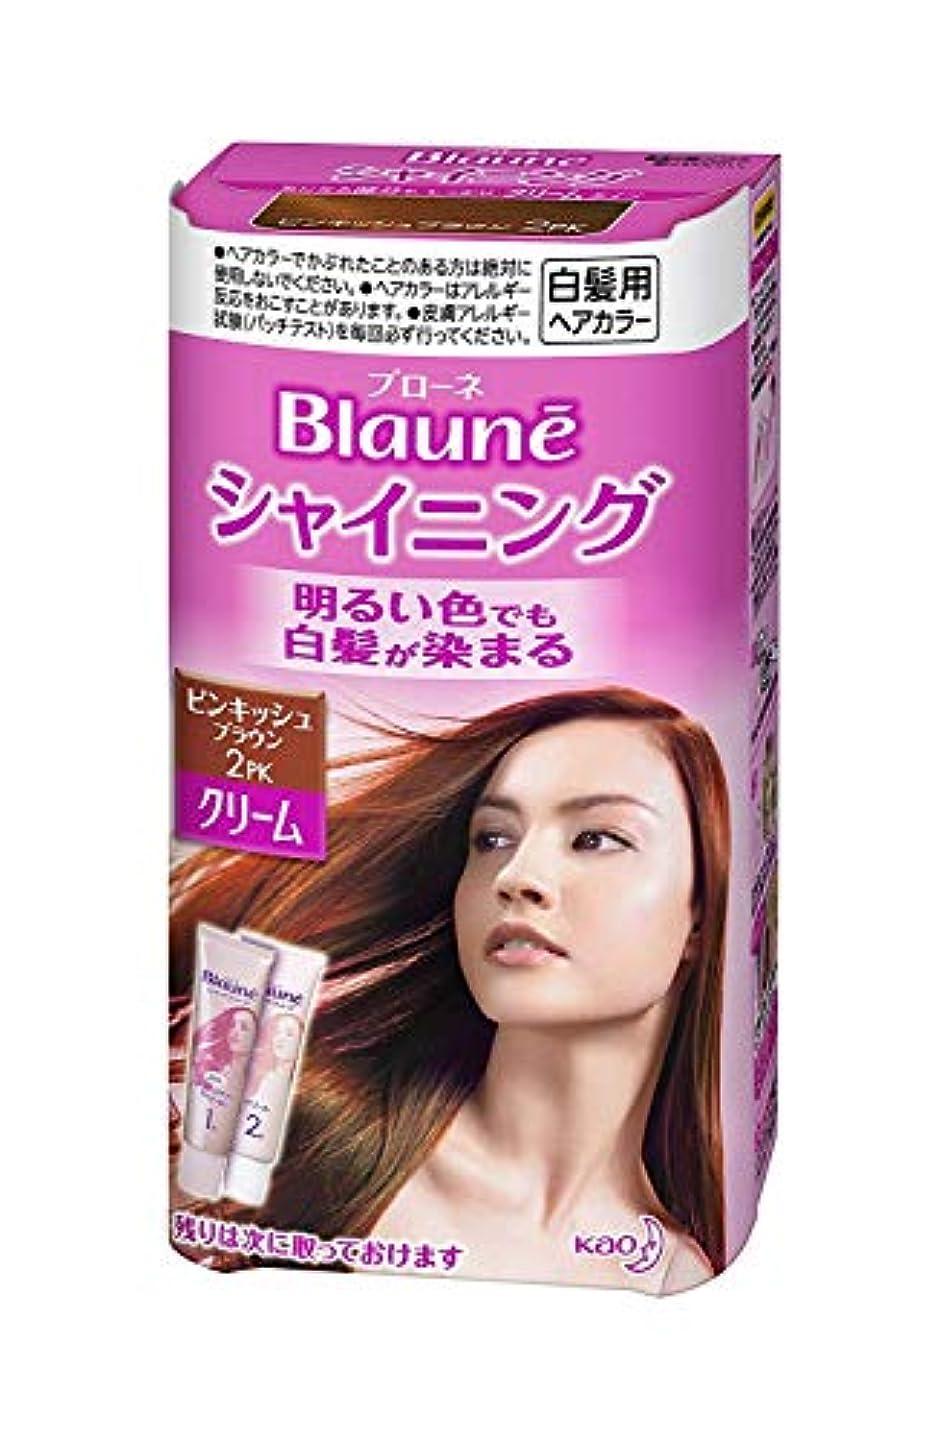 政府ドール侵入【花王】ブローネ シャイニングヘアカラークリーム2PK ピンキッシュブラウン ×10個セット